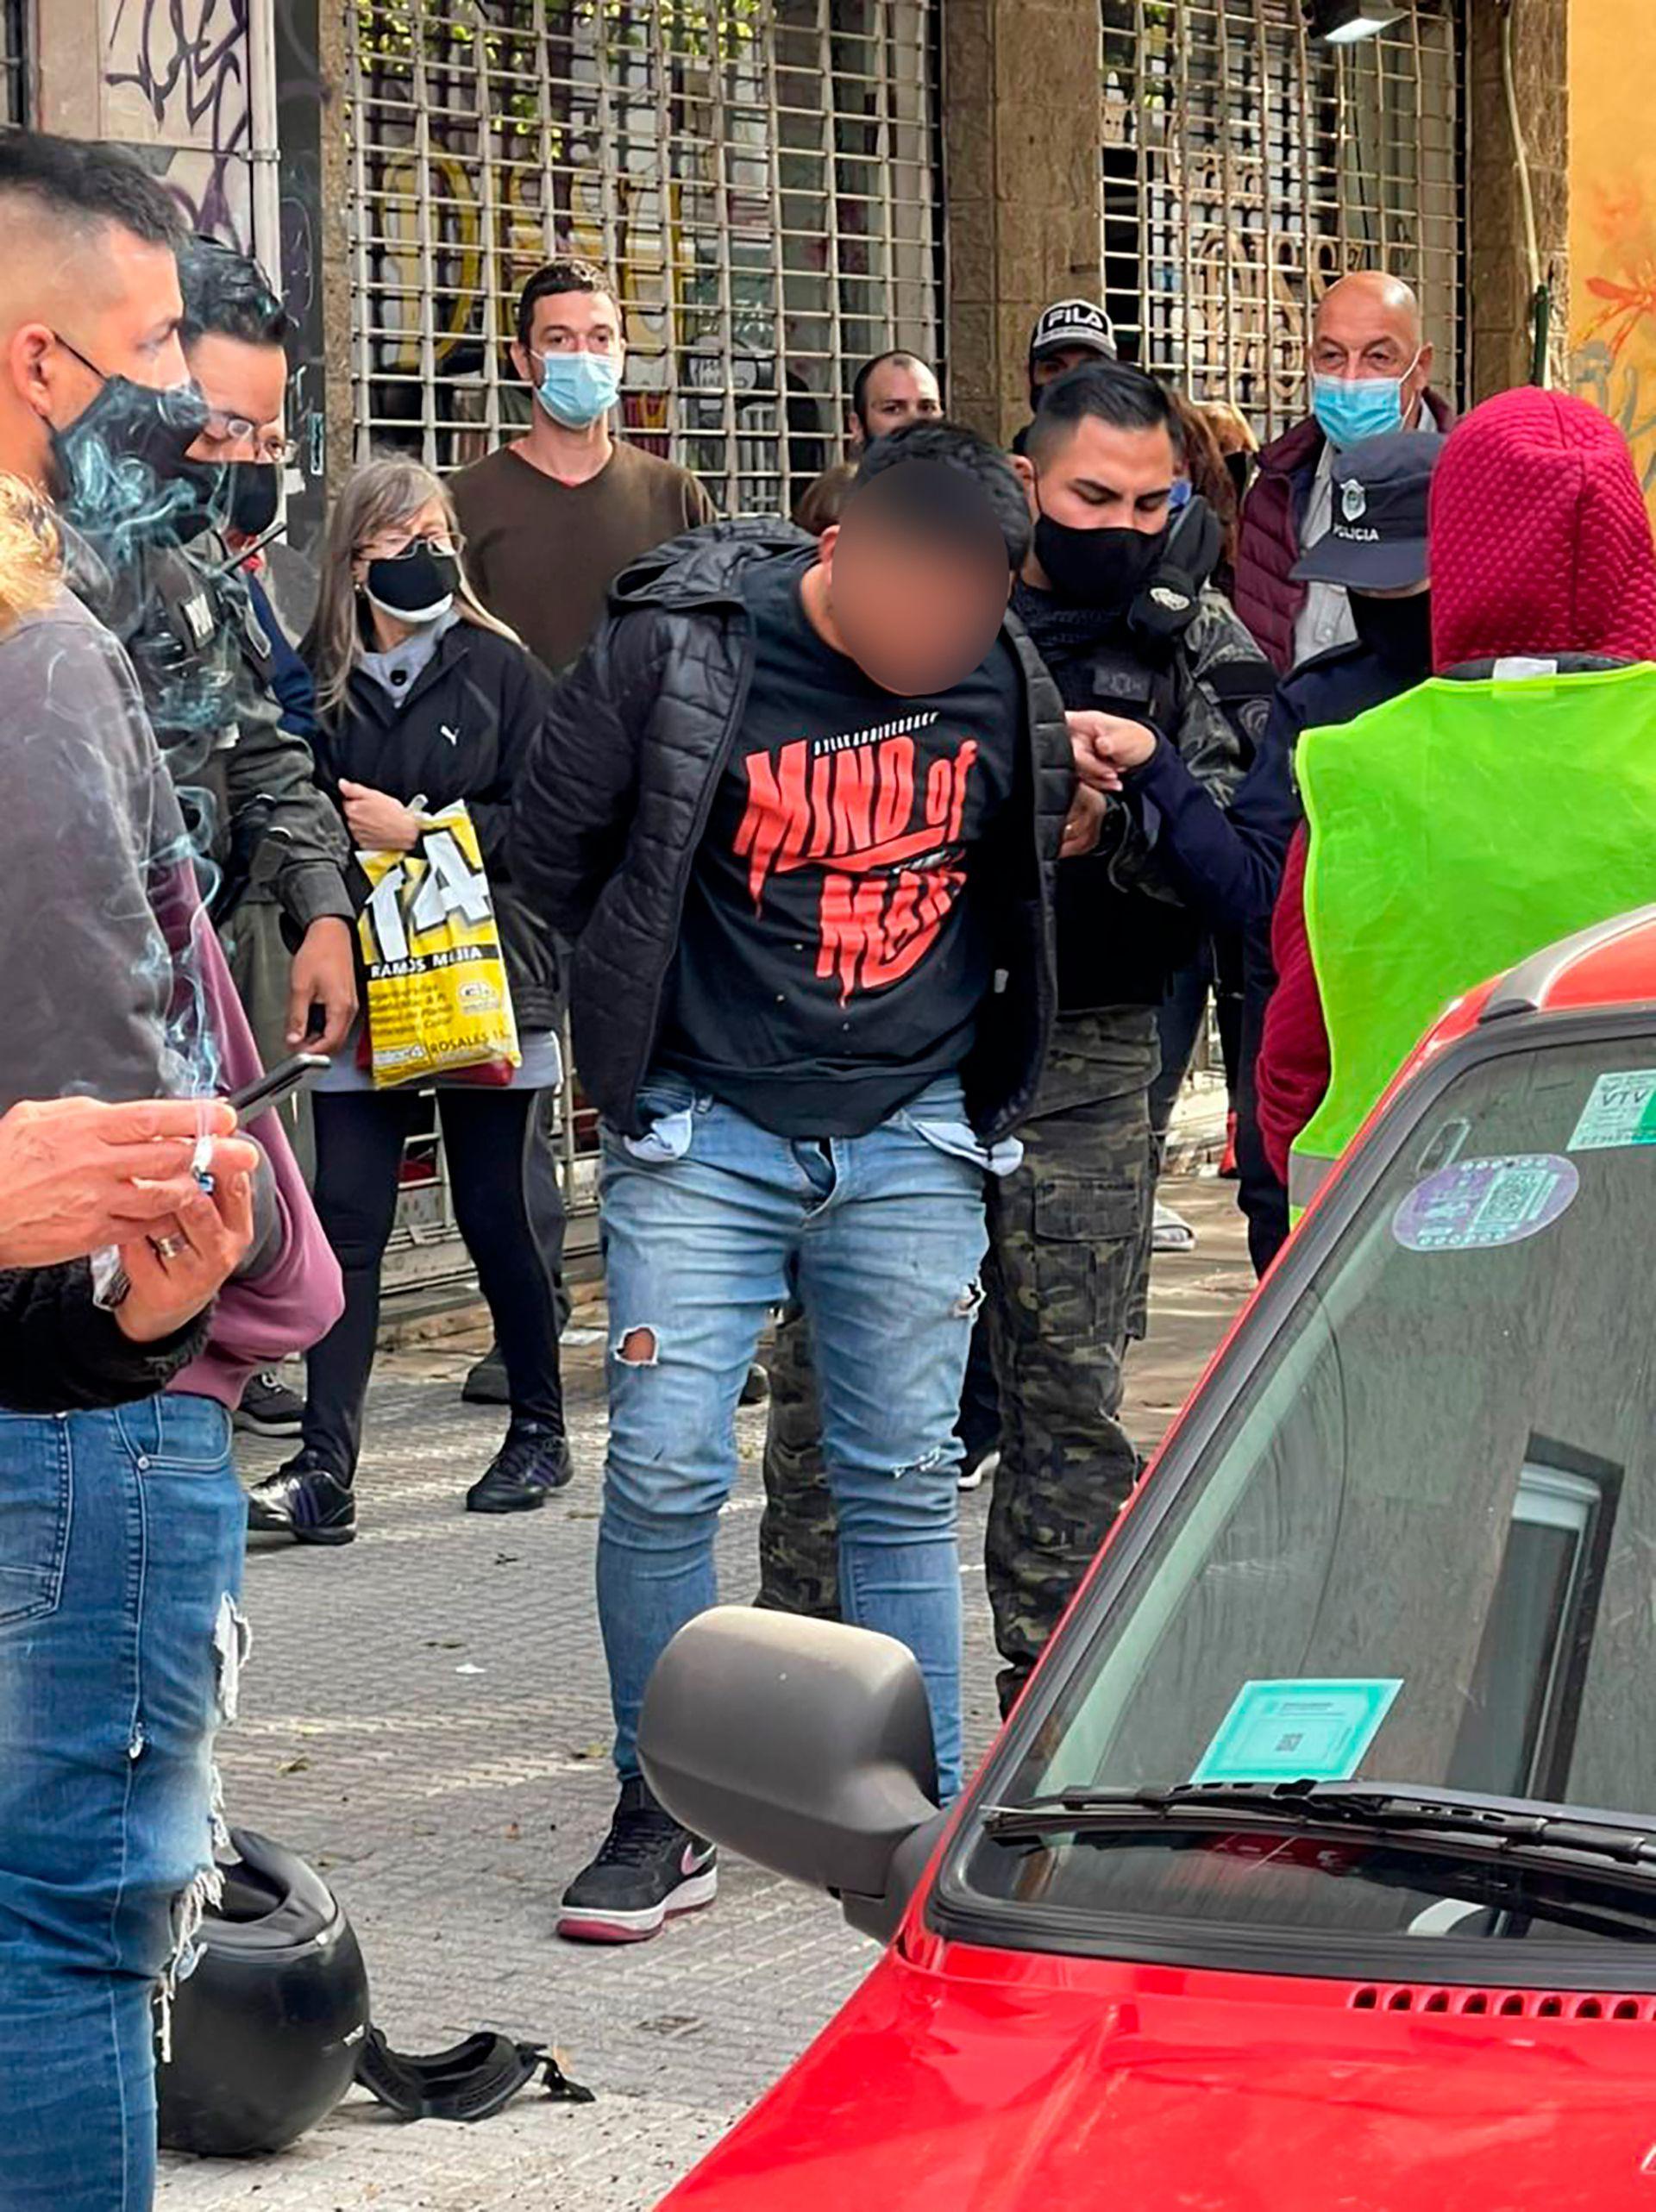 Vecinos de Ramos Mejía persiguieron y atraparon a dos motochorros tras una brutal golpiza